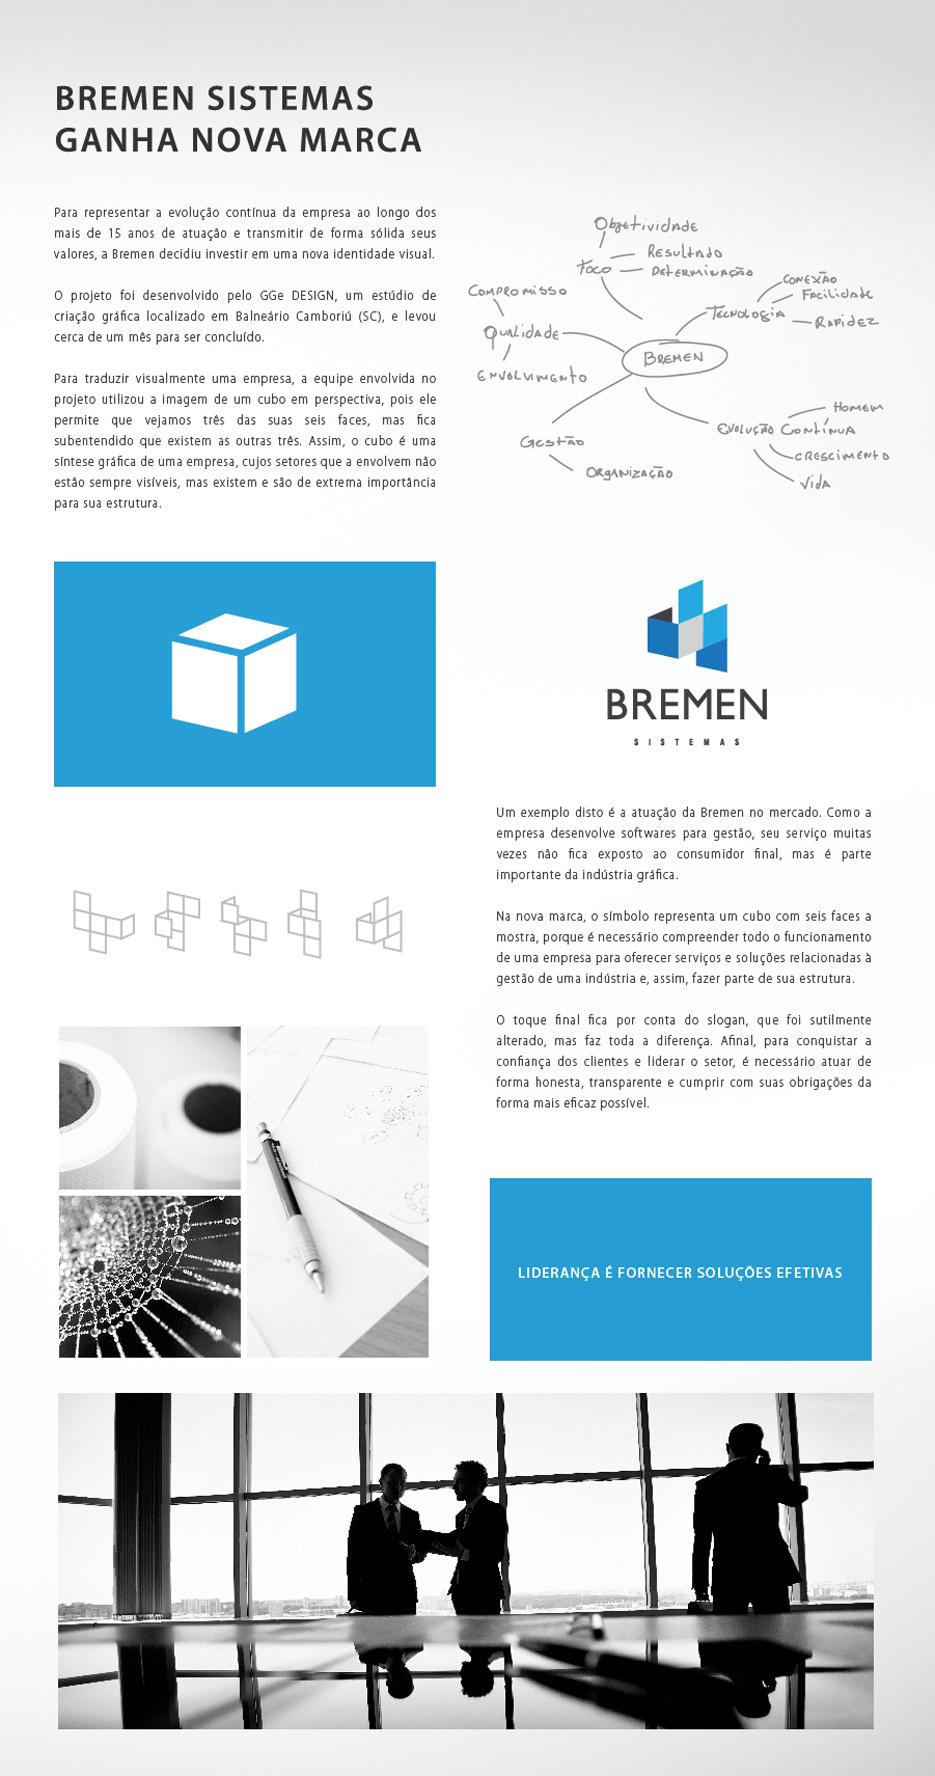 http://bremen.com.br/assets/dinamicos/imprensa/resumo_020_01.jpg?_dc=211027110717